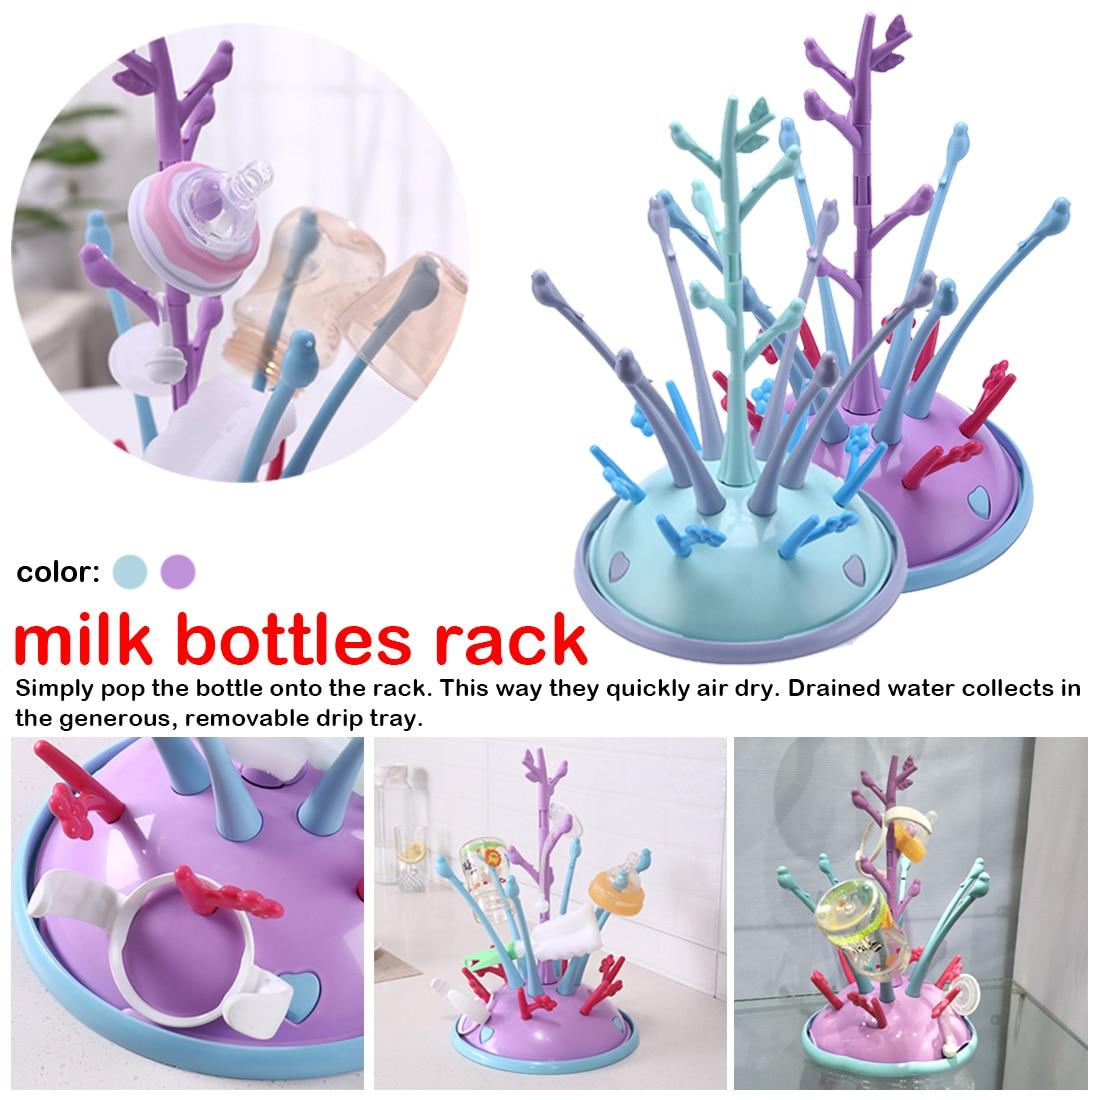 1pcs Portable Drying Rack For Baby Bottles Drainer Bottle Holder For Feeding Drying Cup Rack For Babies Bottle Drying Rack